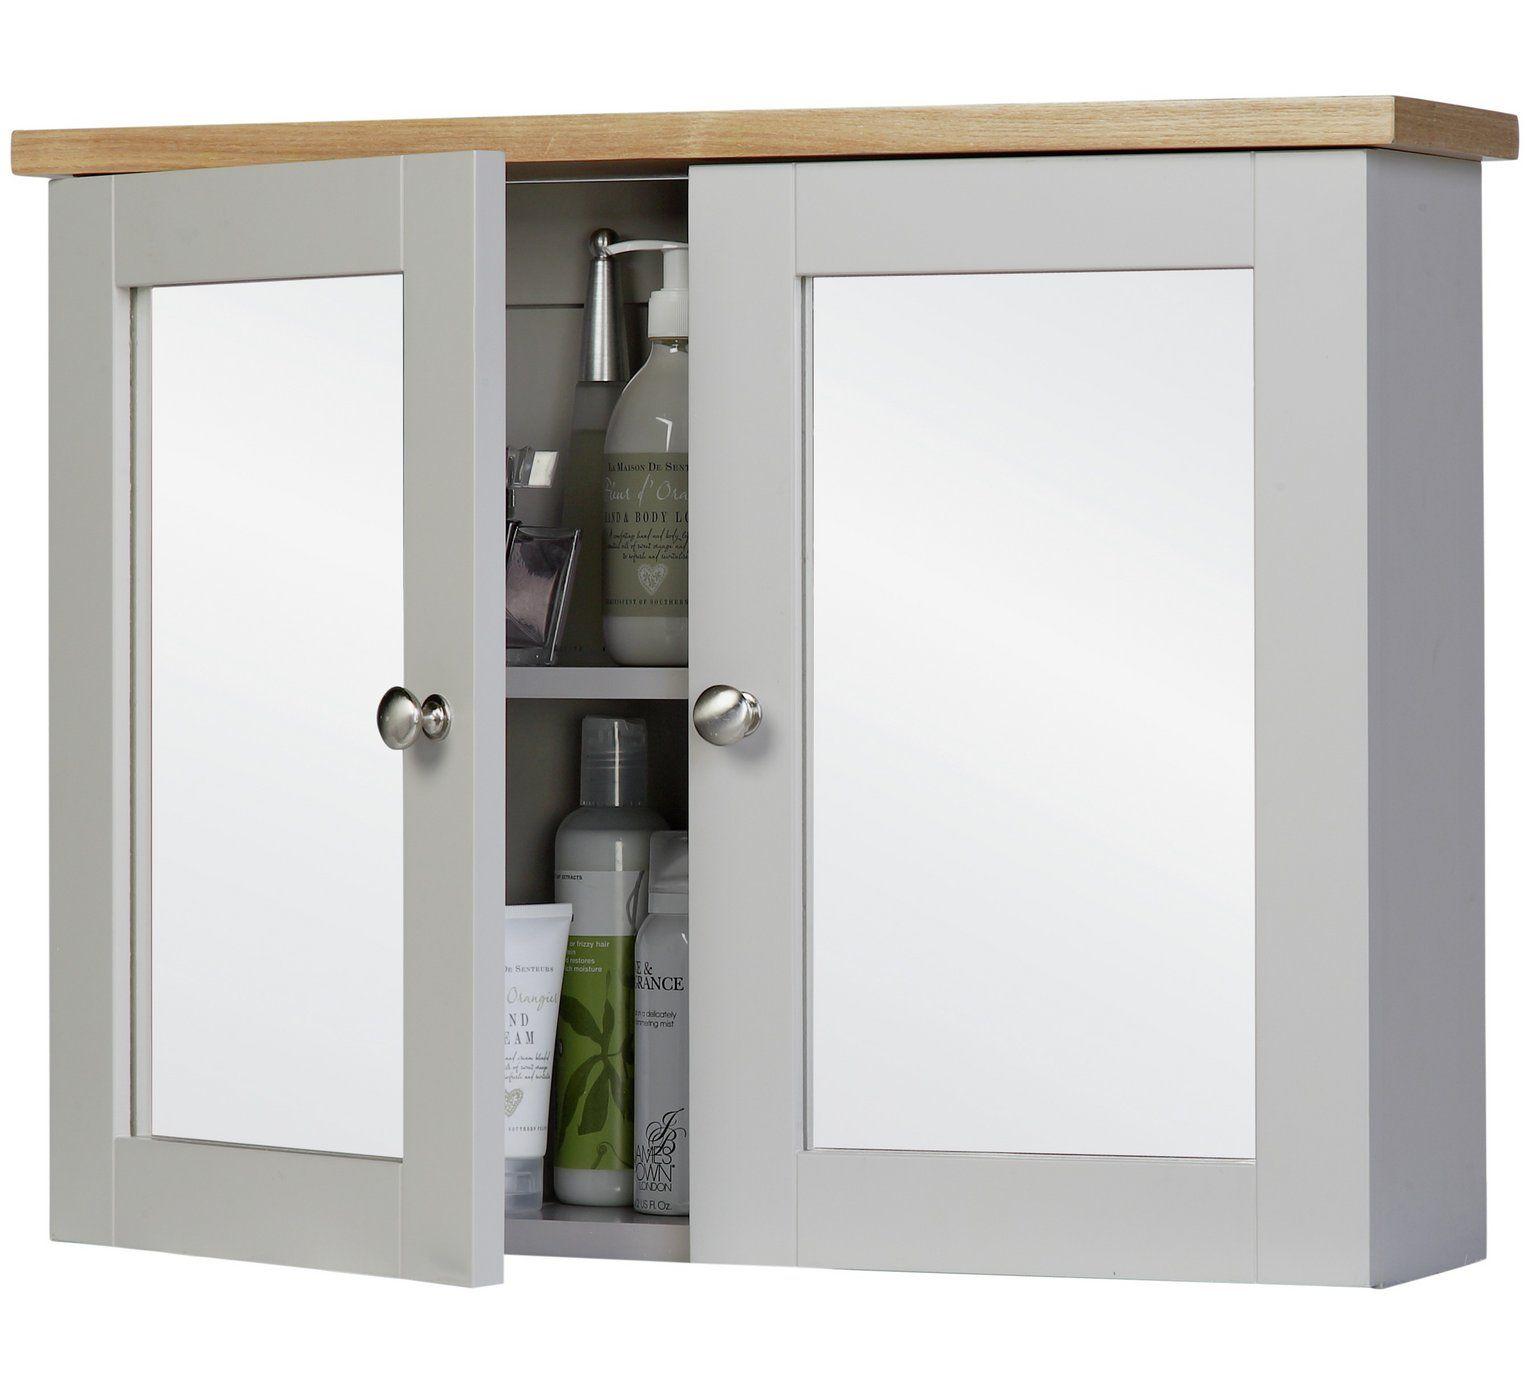 Buy argos home livingston mirror wall cabinet grey pine bathroom cabinets argos